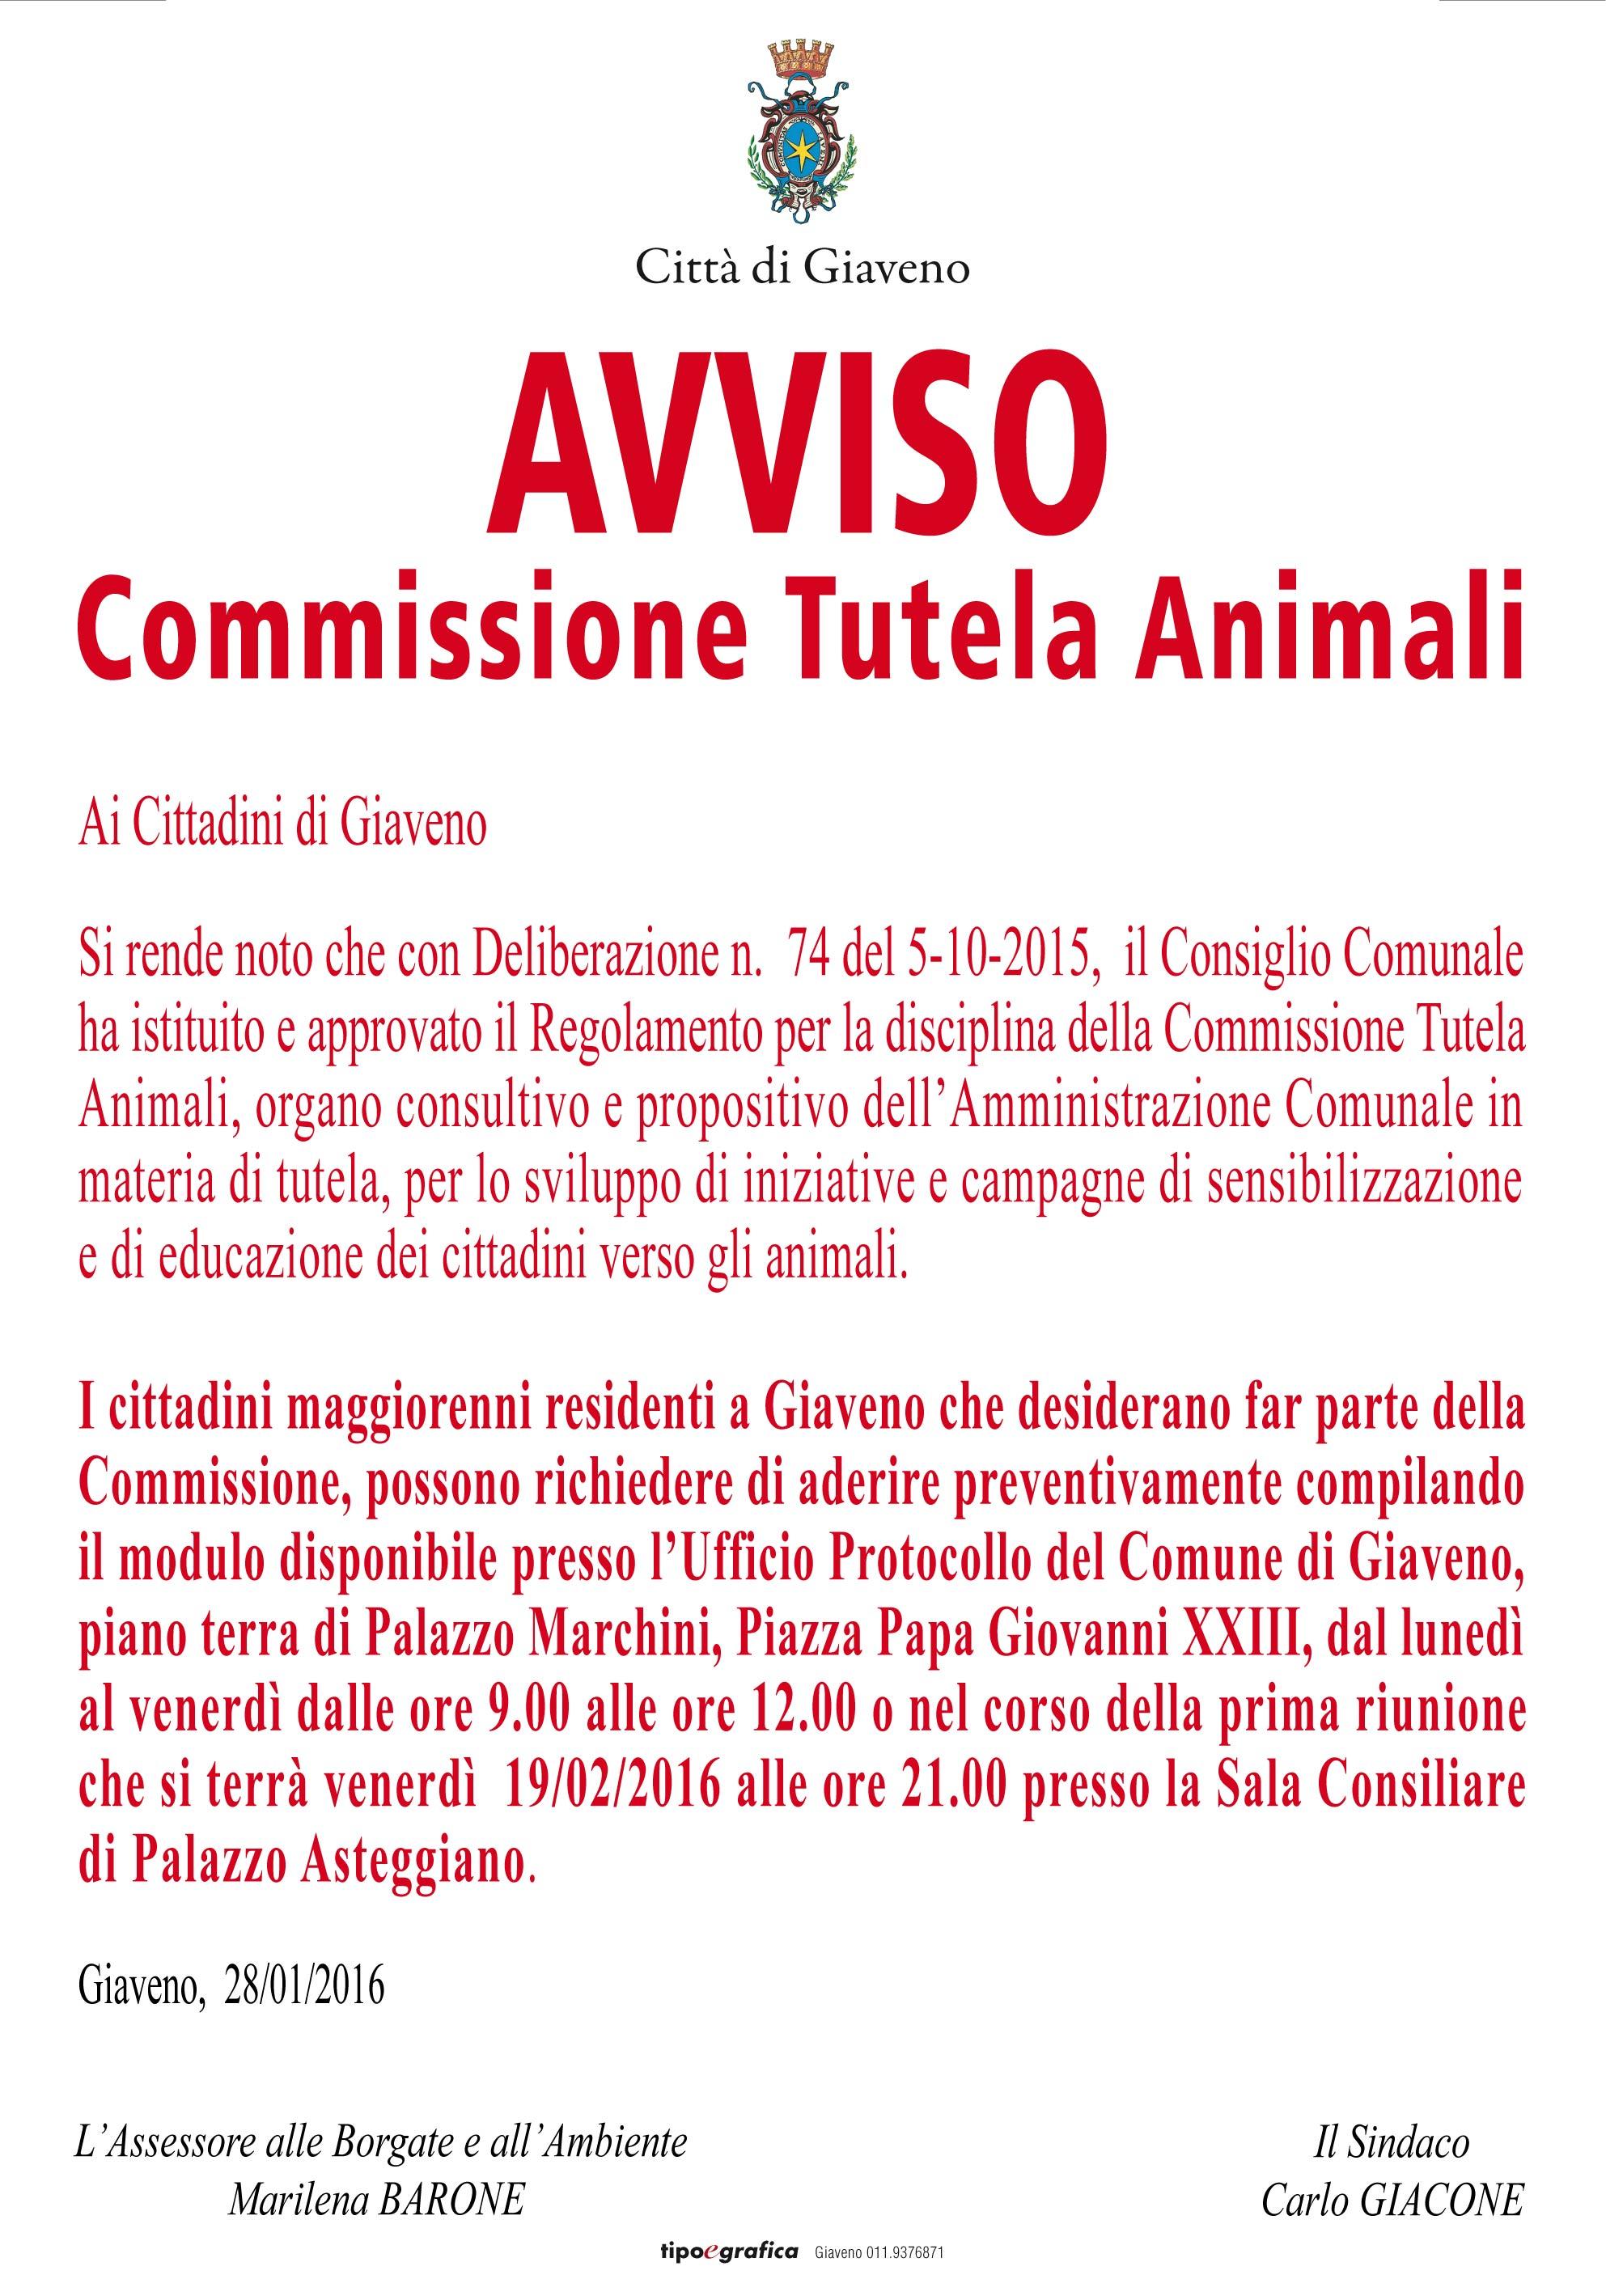 COMMISSIONE TUTELA ANIMALI: AVVISO E PRIMO INCONTRO  VENERDI' 19 febbraio 2016